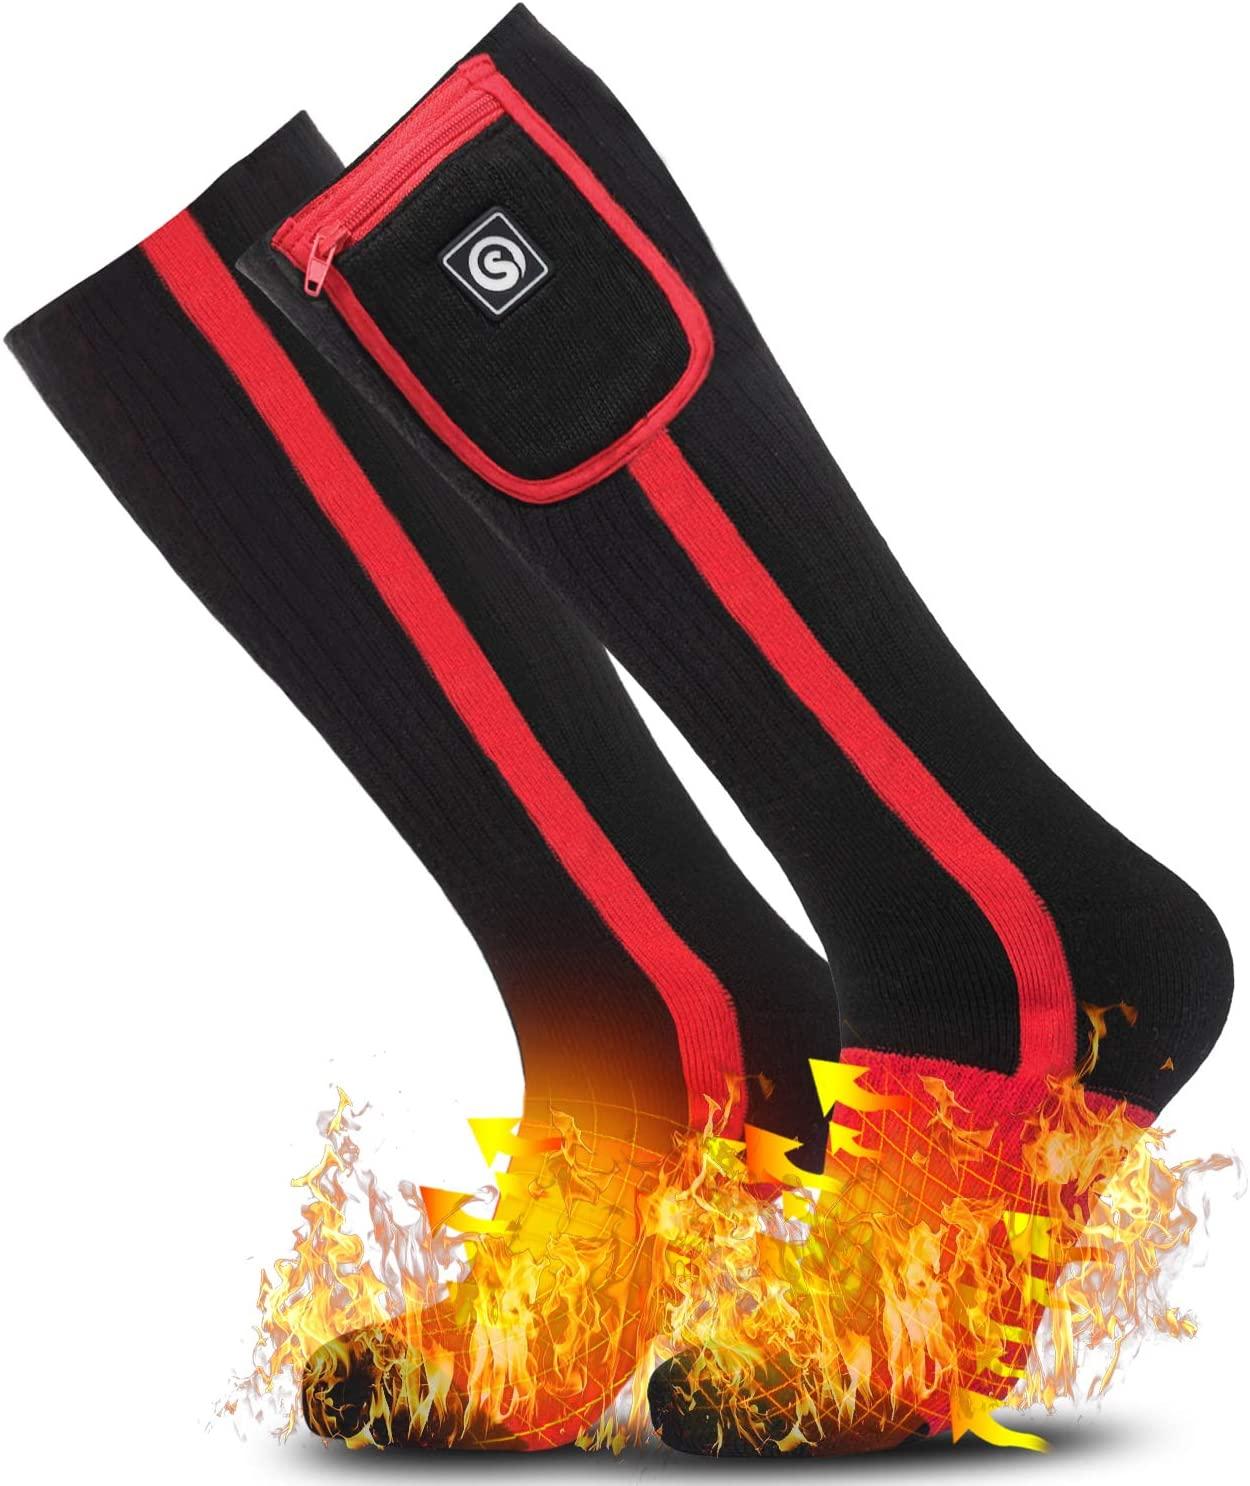 Bezdoteku Vyhrievané ponožky podkolienky Savior BR čierne vel. L